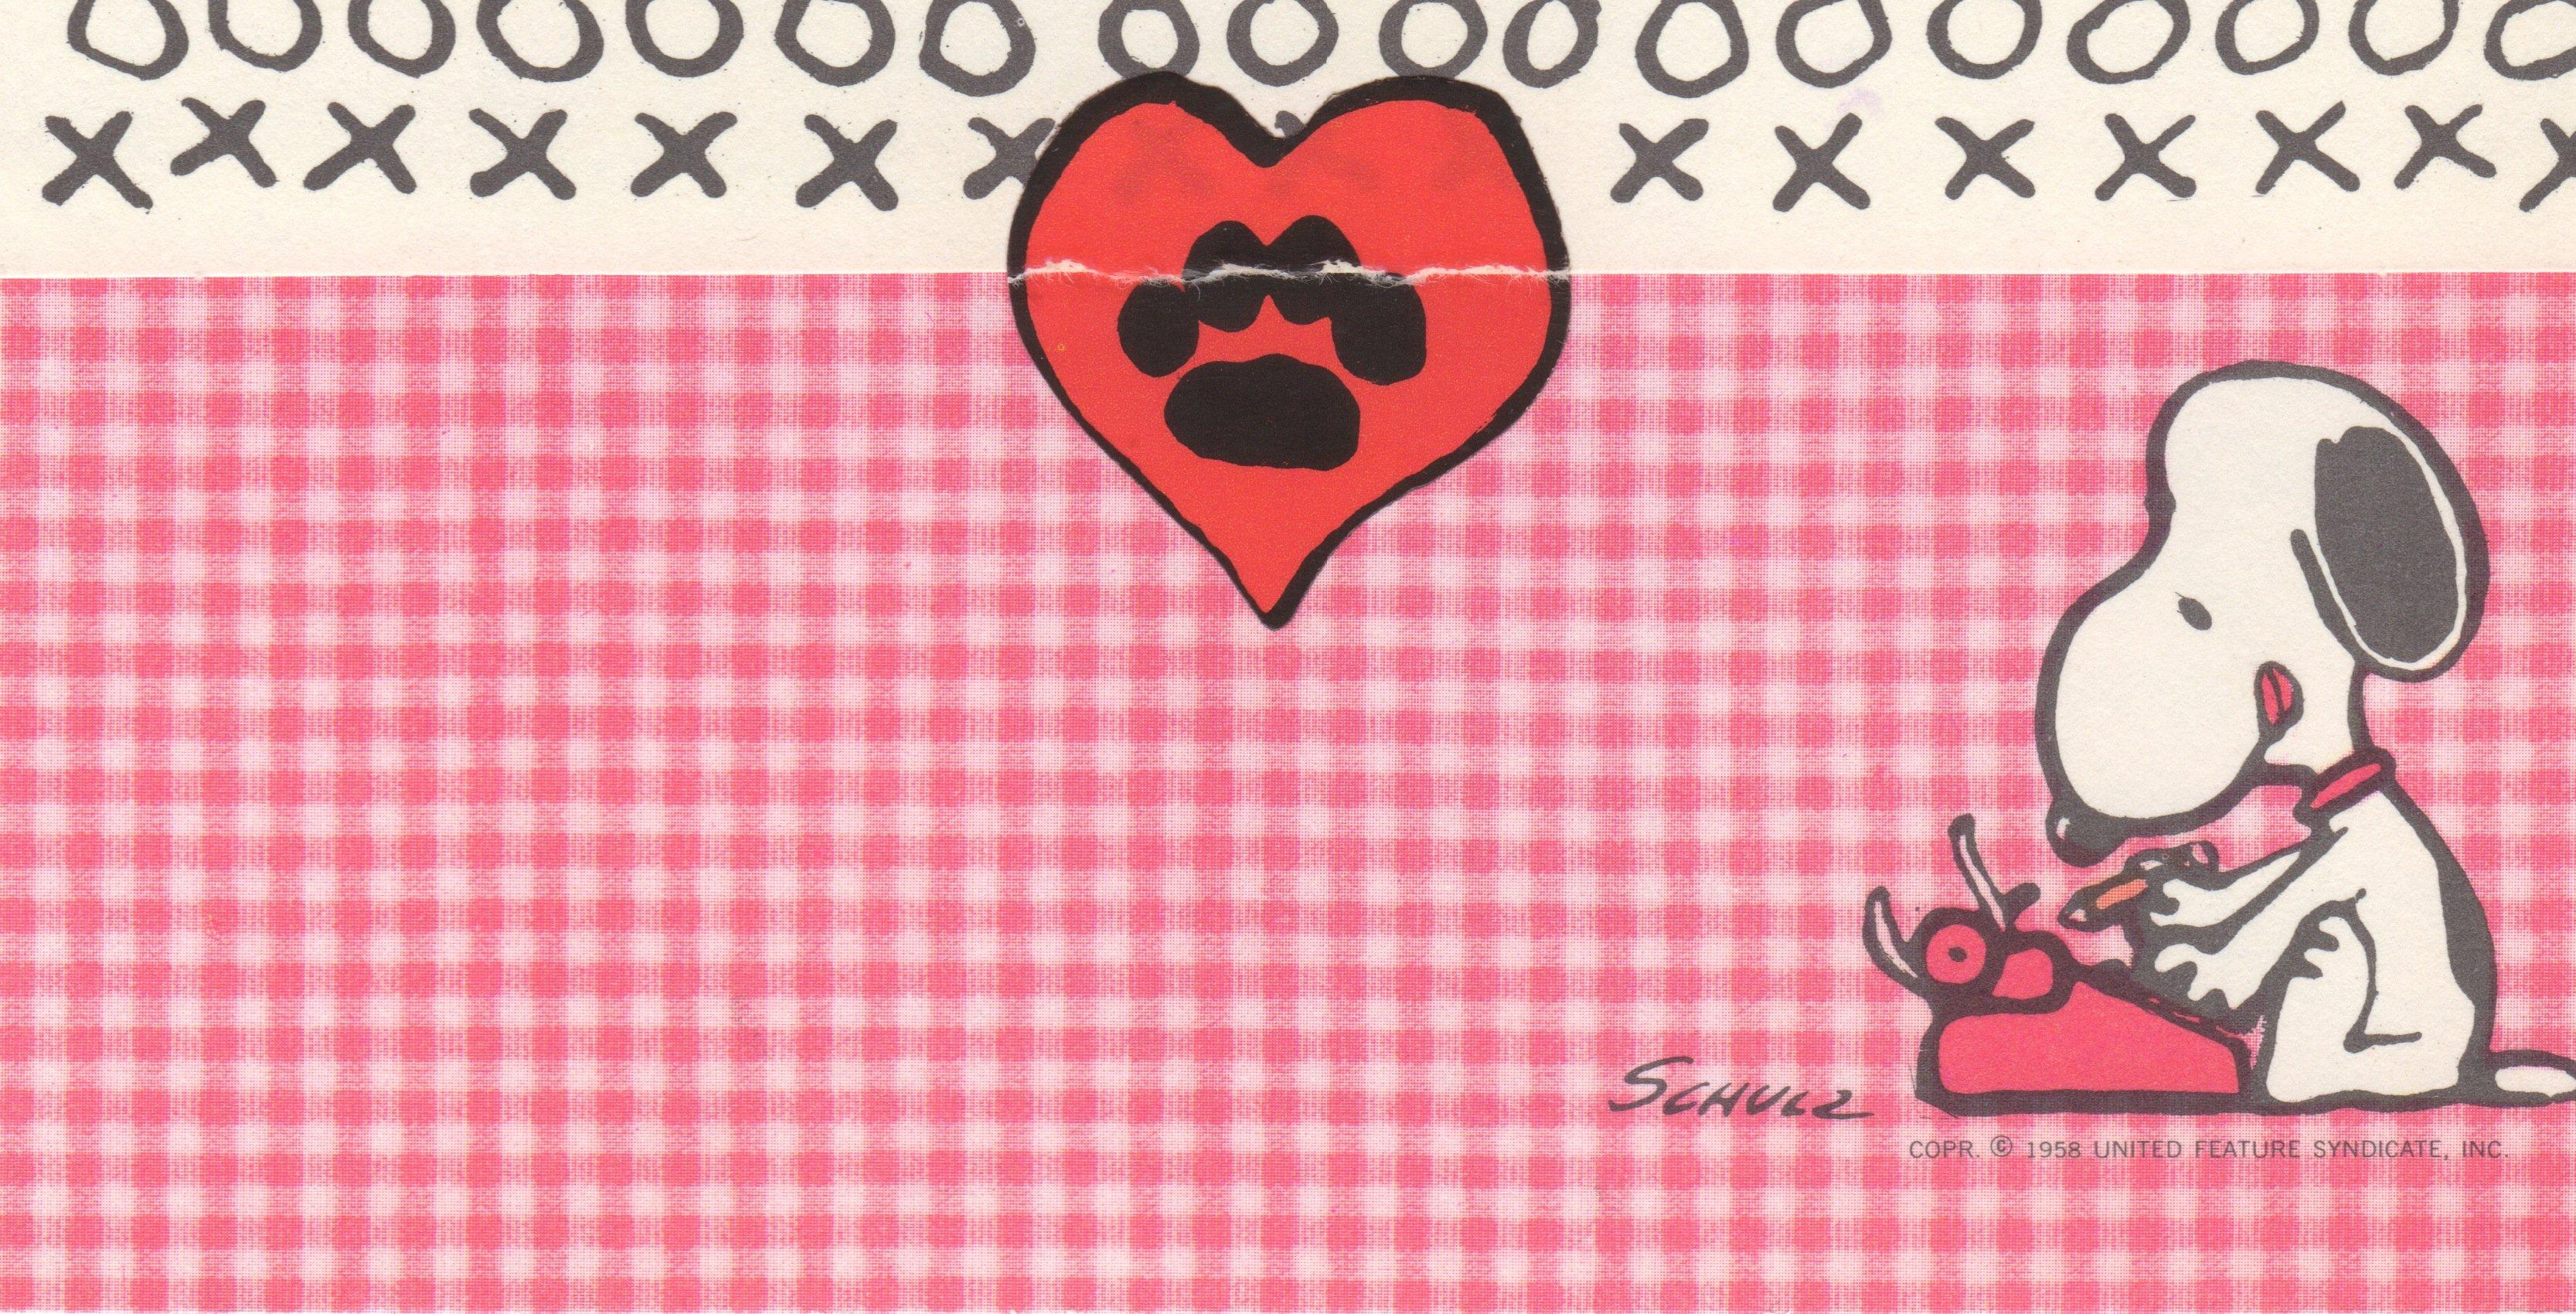 49] Peanuts Valentines Wallpaper on WallpaperSafari 3333x1700